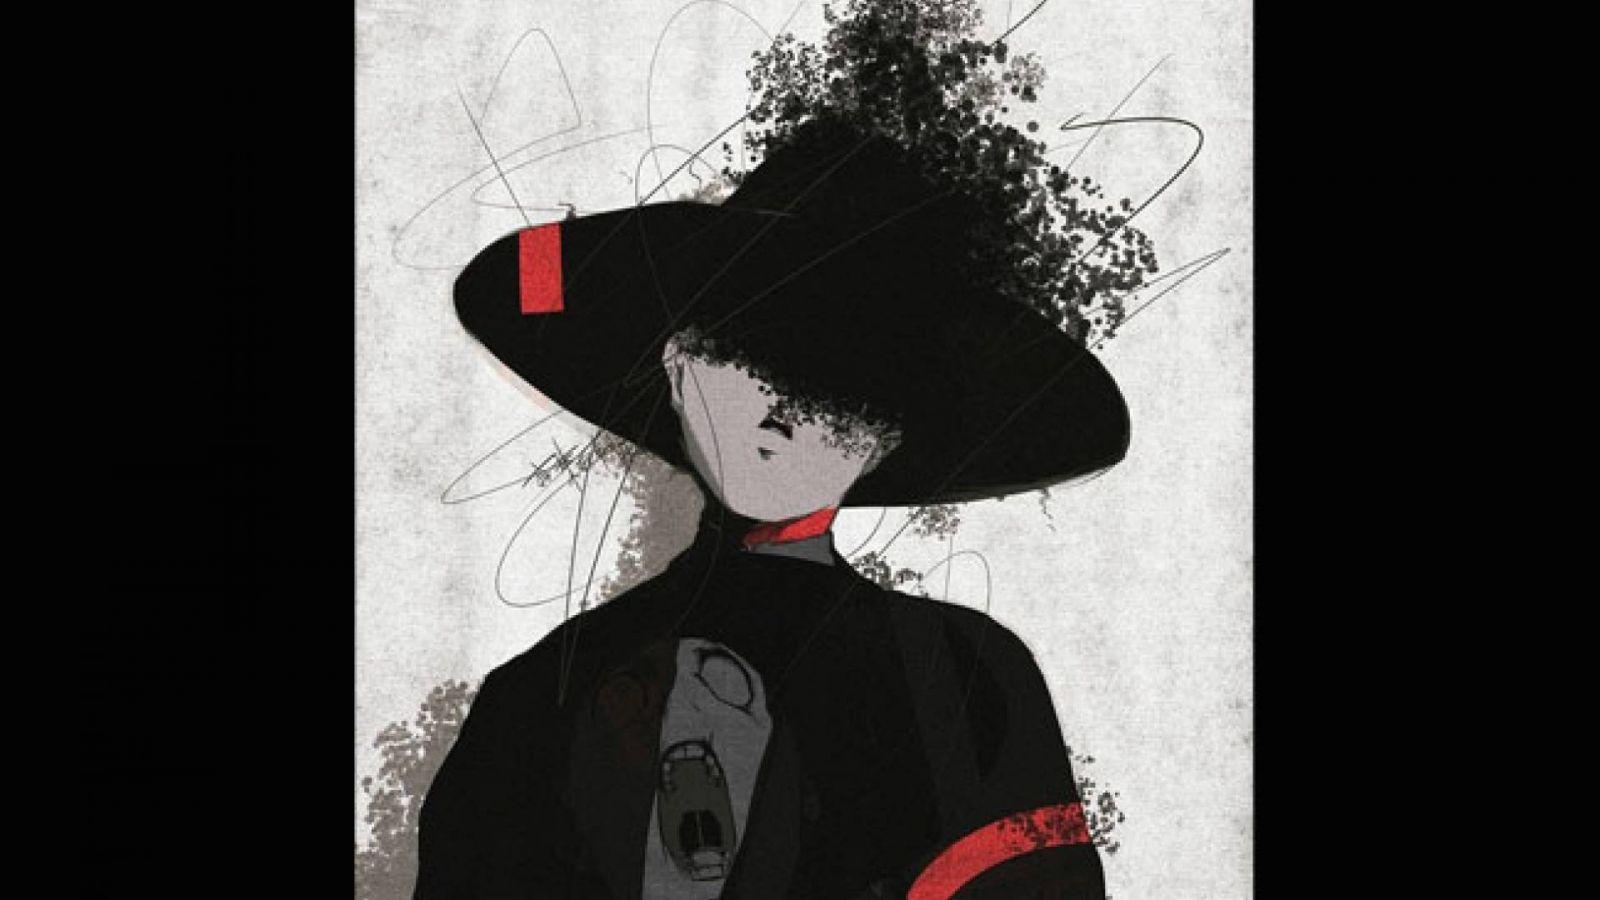 amazarashin uusi sinkku soi animesarja Dororon lopputunnarina © Sony Music Associated Records. All rights reserved.